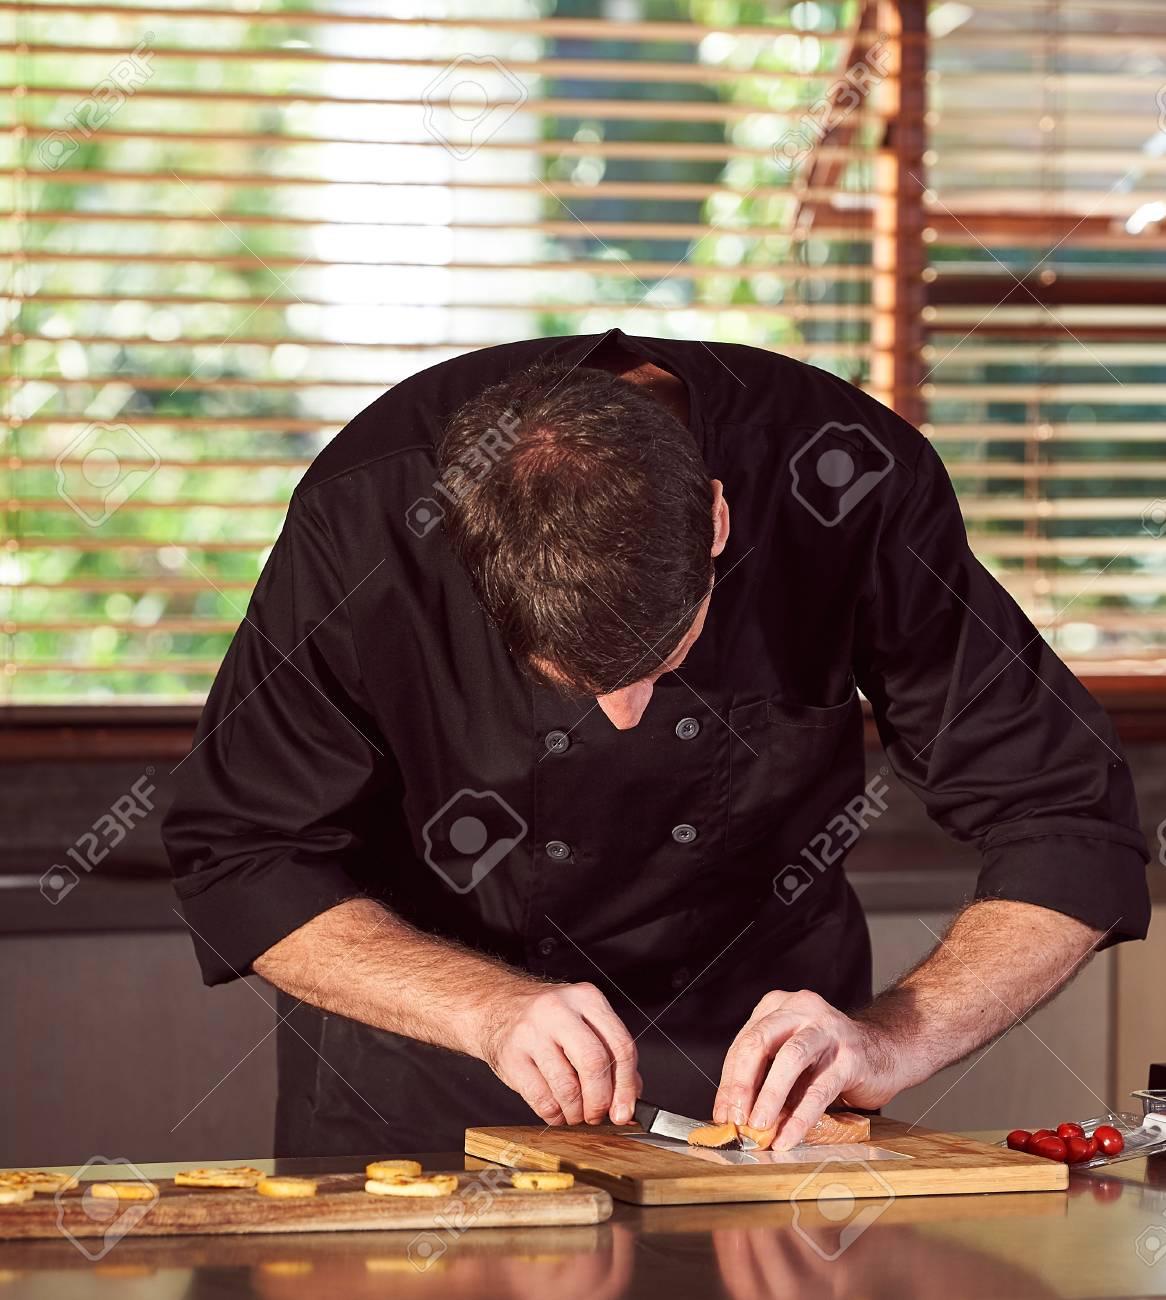 Chef preparing food in kitchen - 72155990